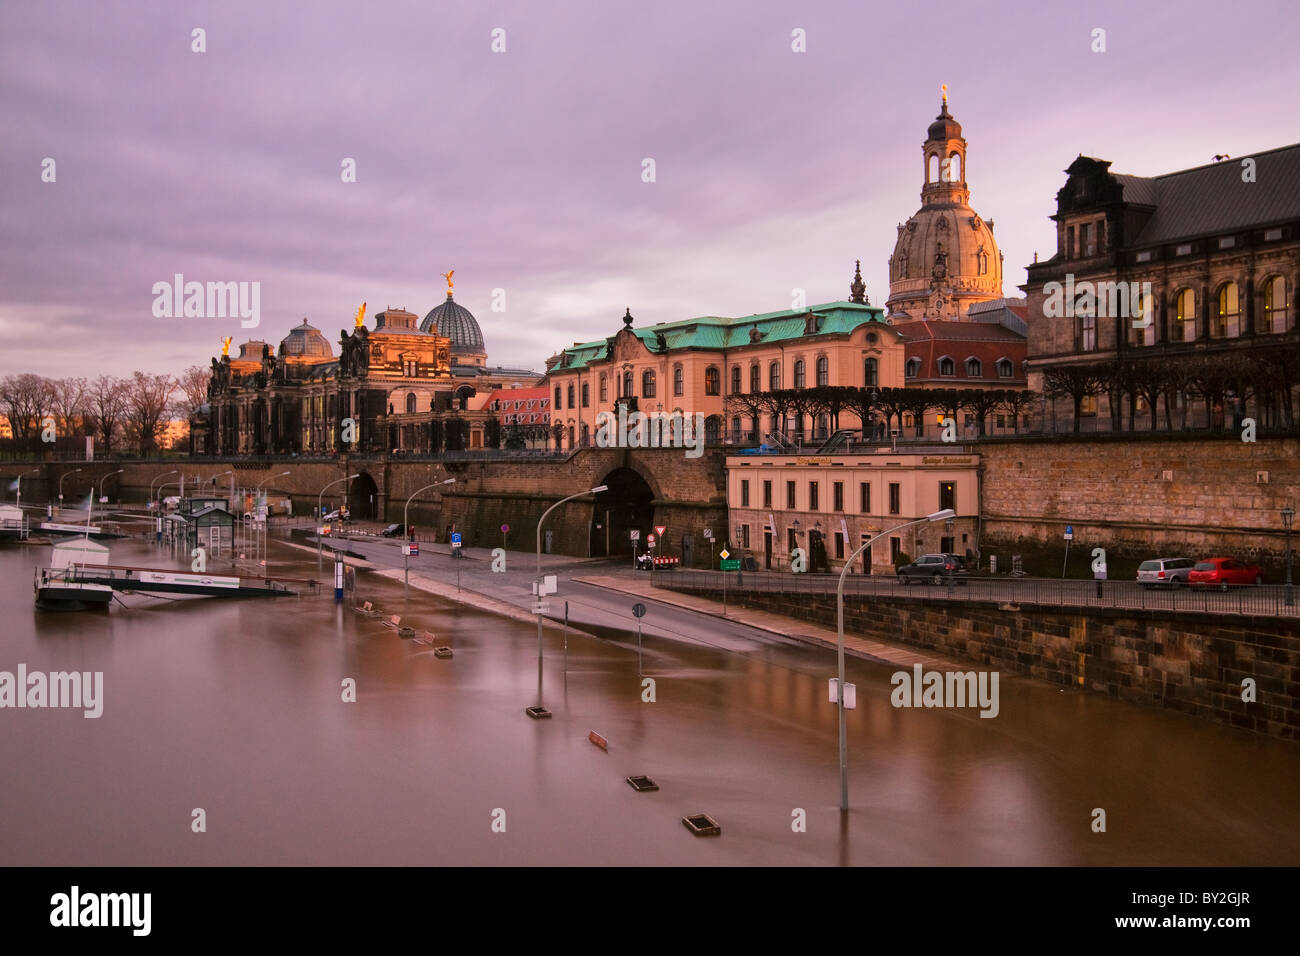 Hochwasser in Dresden - Stock Image